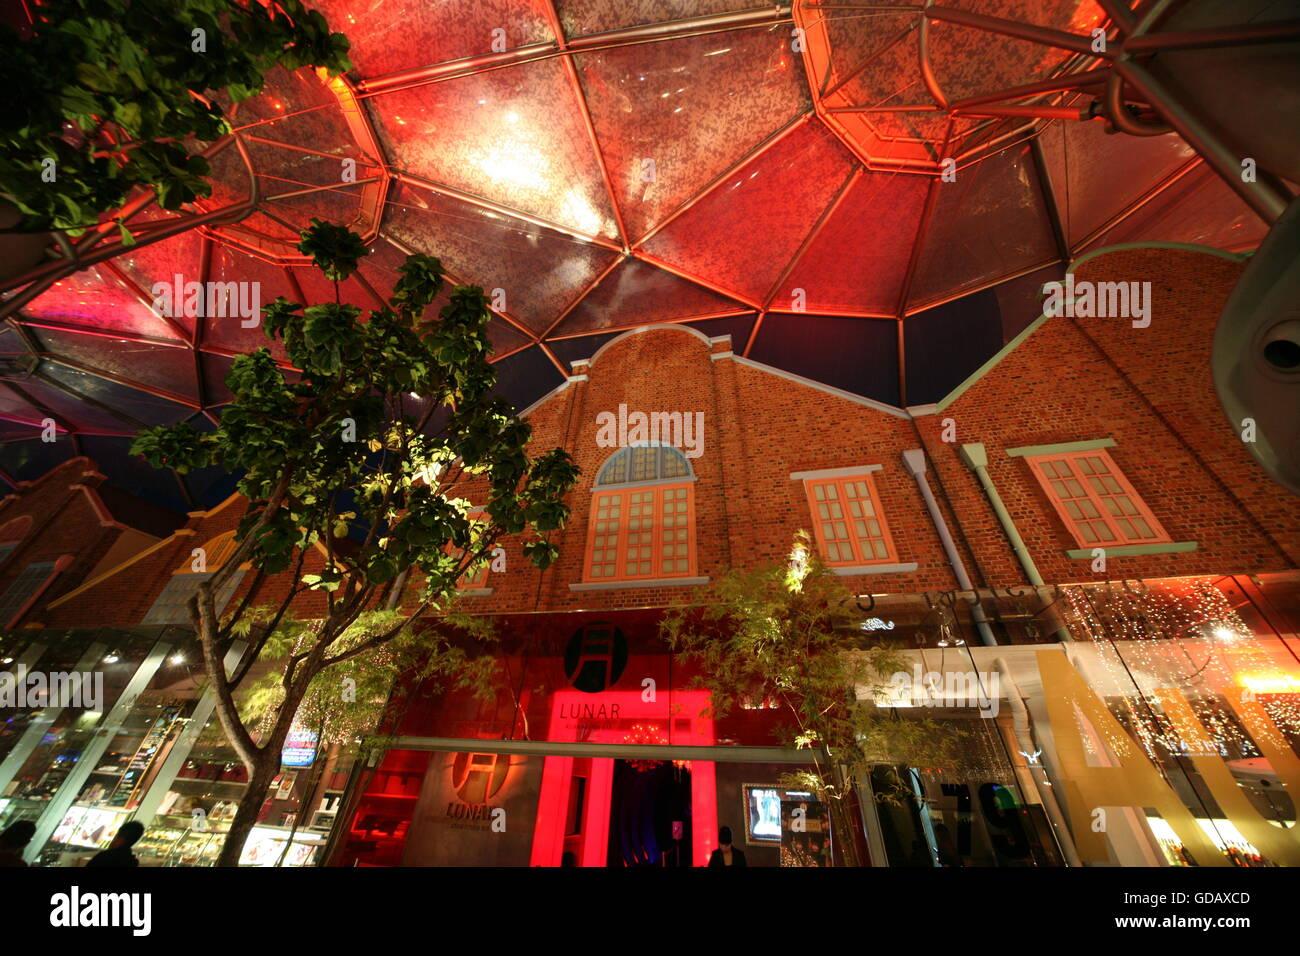 Asien, Suedost, Singapur, Insel, Staat, Stadt, City, Skyline, Zentrum, Clark Quay, Nachtleben, Night Live, Architektur, - Stock Image